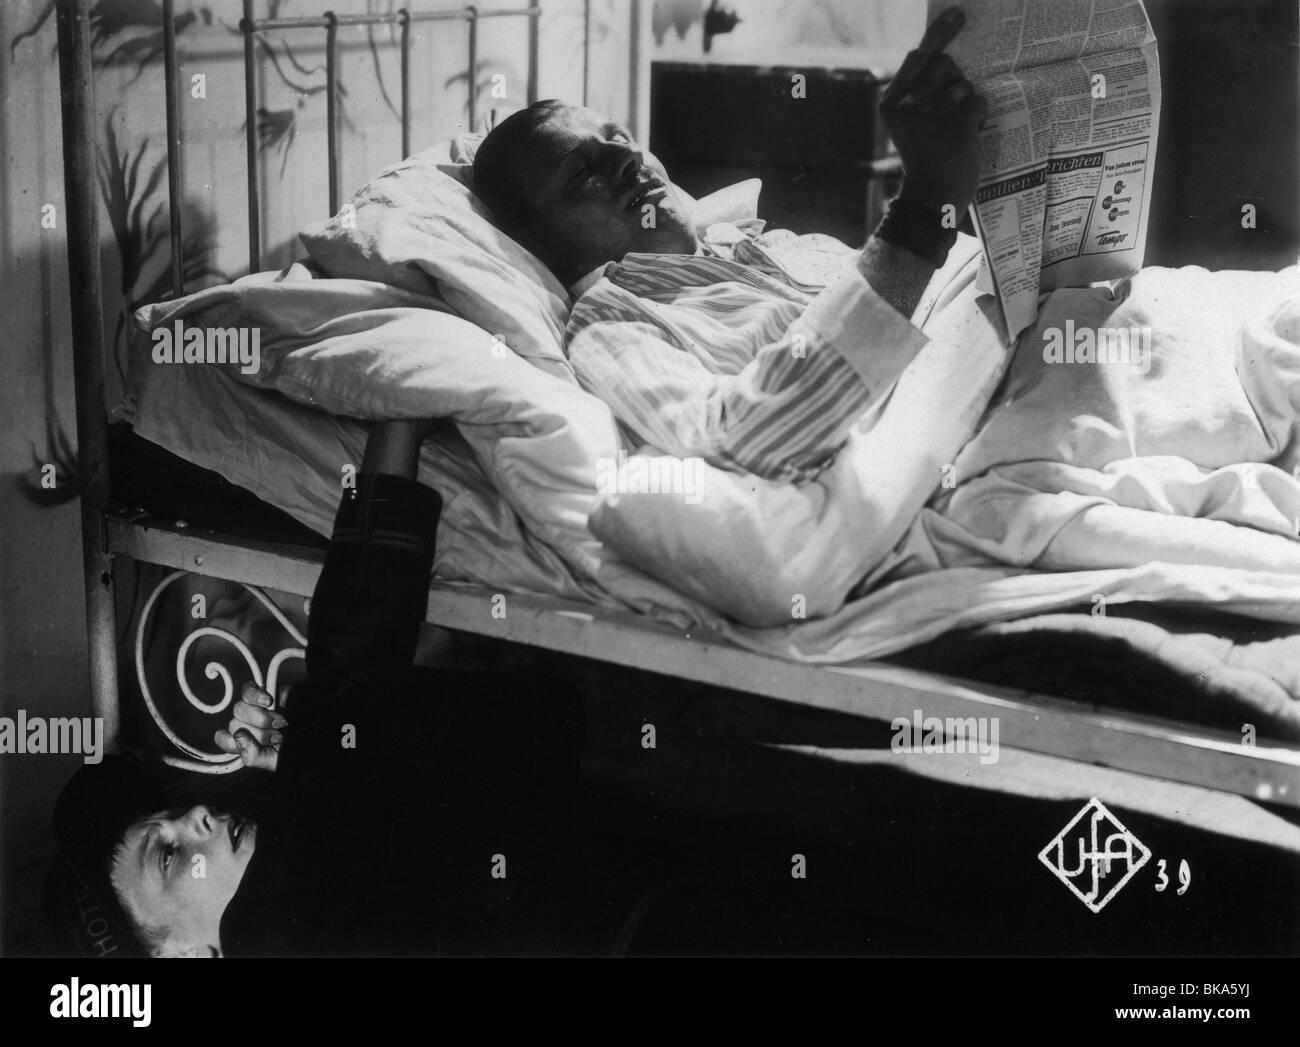 Emil und die Detektive Year : 1931 Director : Gerhard Lamprecht Rolf Wenkhaus, Fritz Rasp  Based upon Erich Kästner's - Stock Image